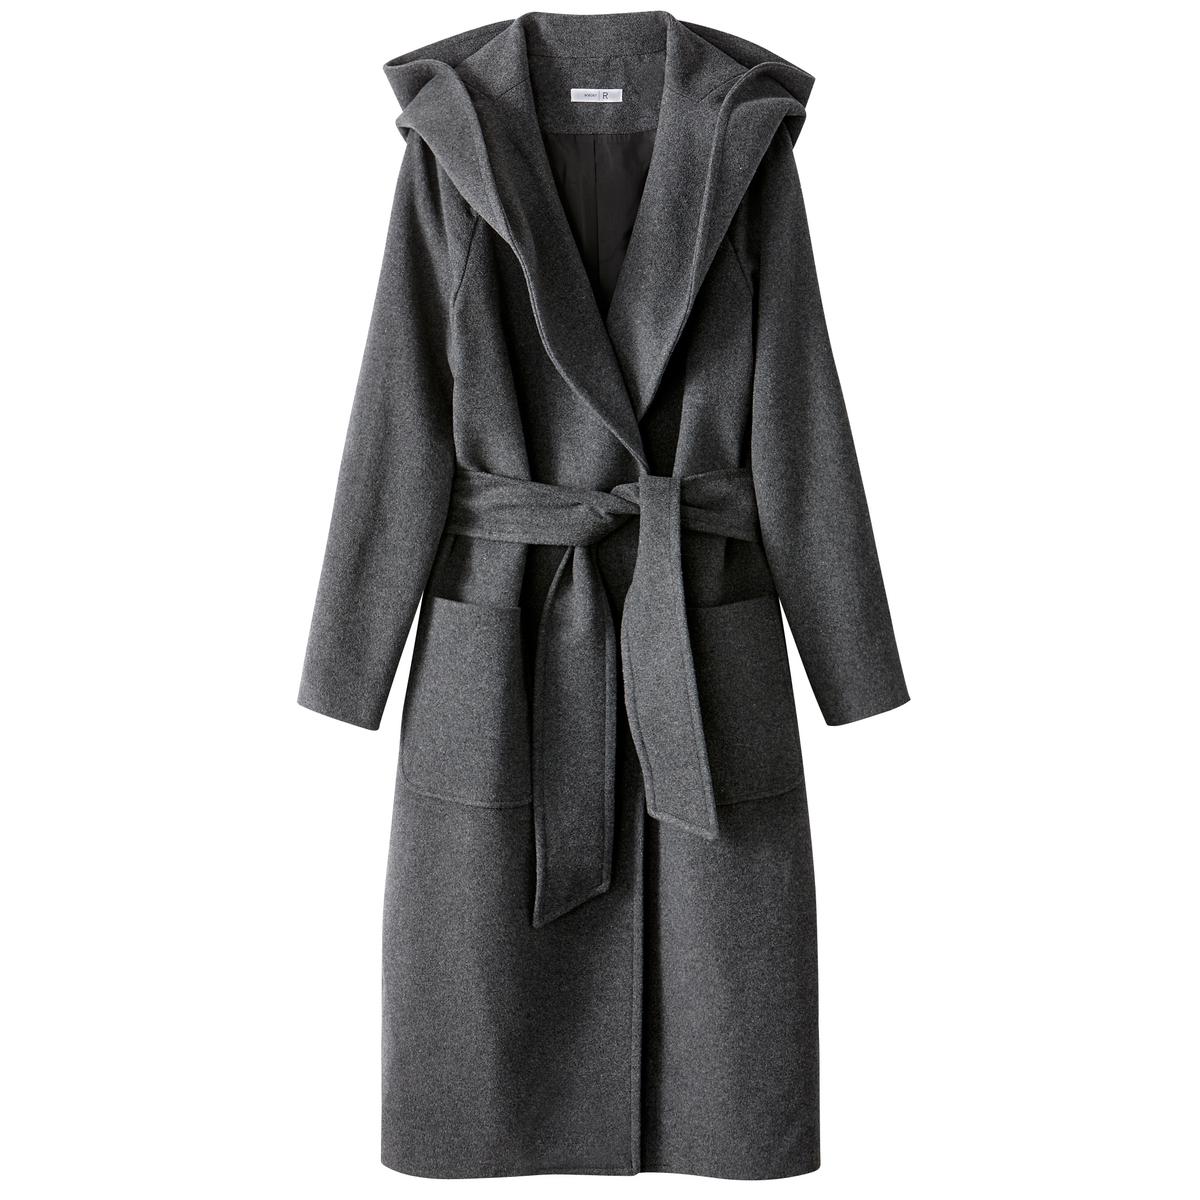 Пальто с капюшоном  из шерстяного драпа пальто с капюшоном из шерстяного драпа